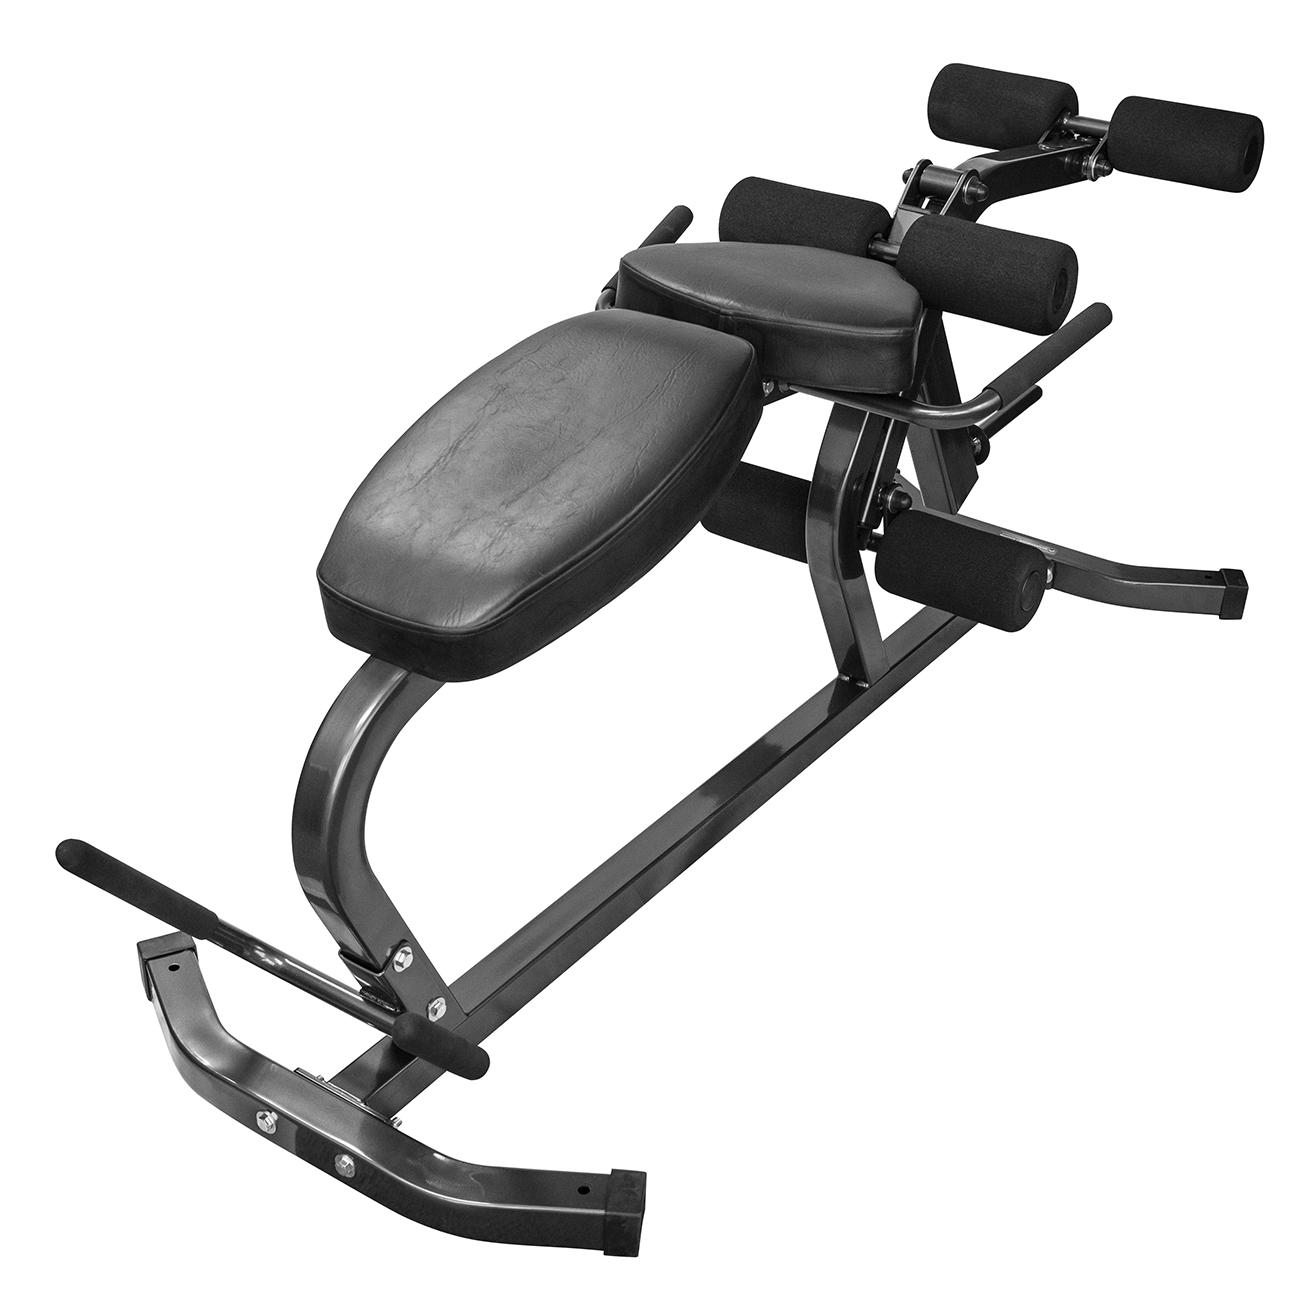 fitness l 39 entrep t banc pour extension et flexion des jambes. Black Bedroom Furniture Sets. Home Design Ideas